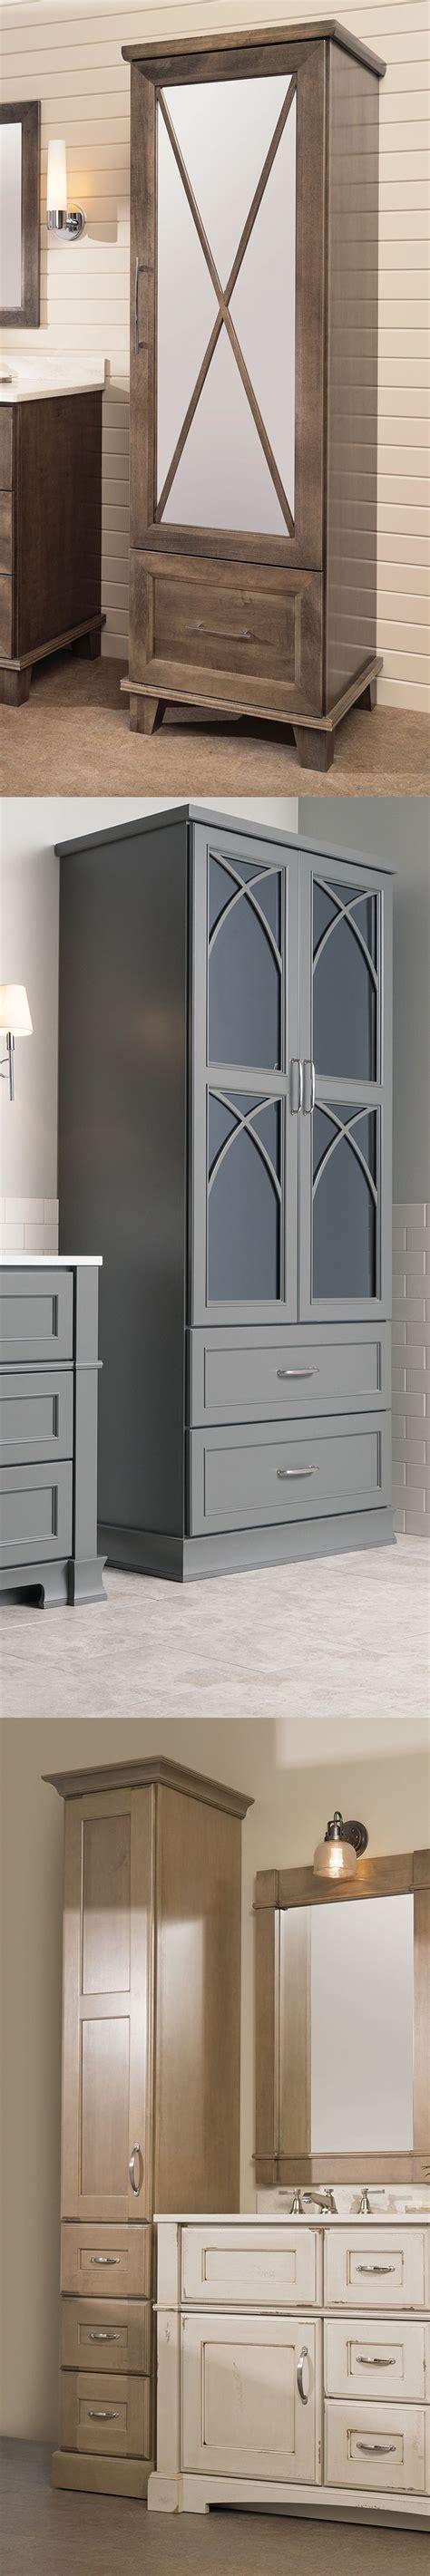 cabinets for kitchen storage best 25 bathroom linen cabinet ideas on 5077